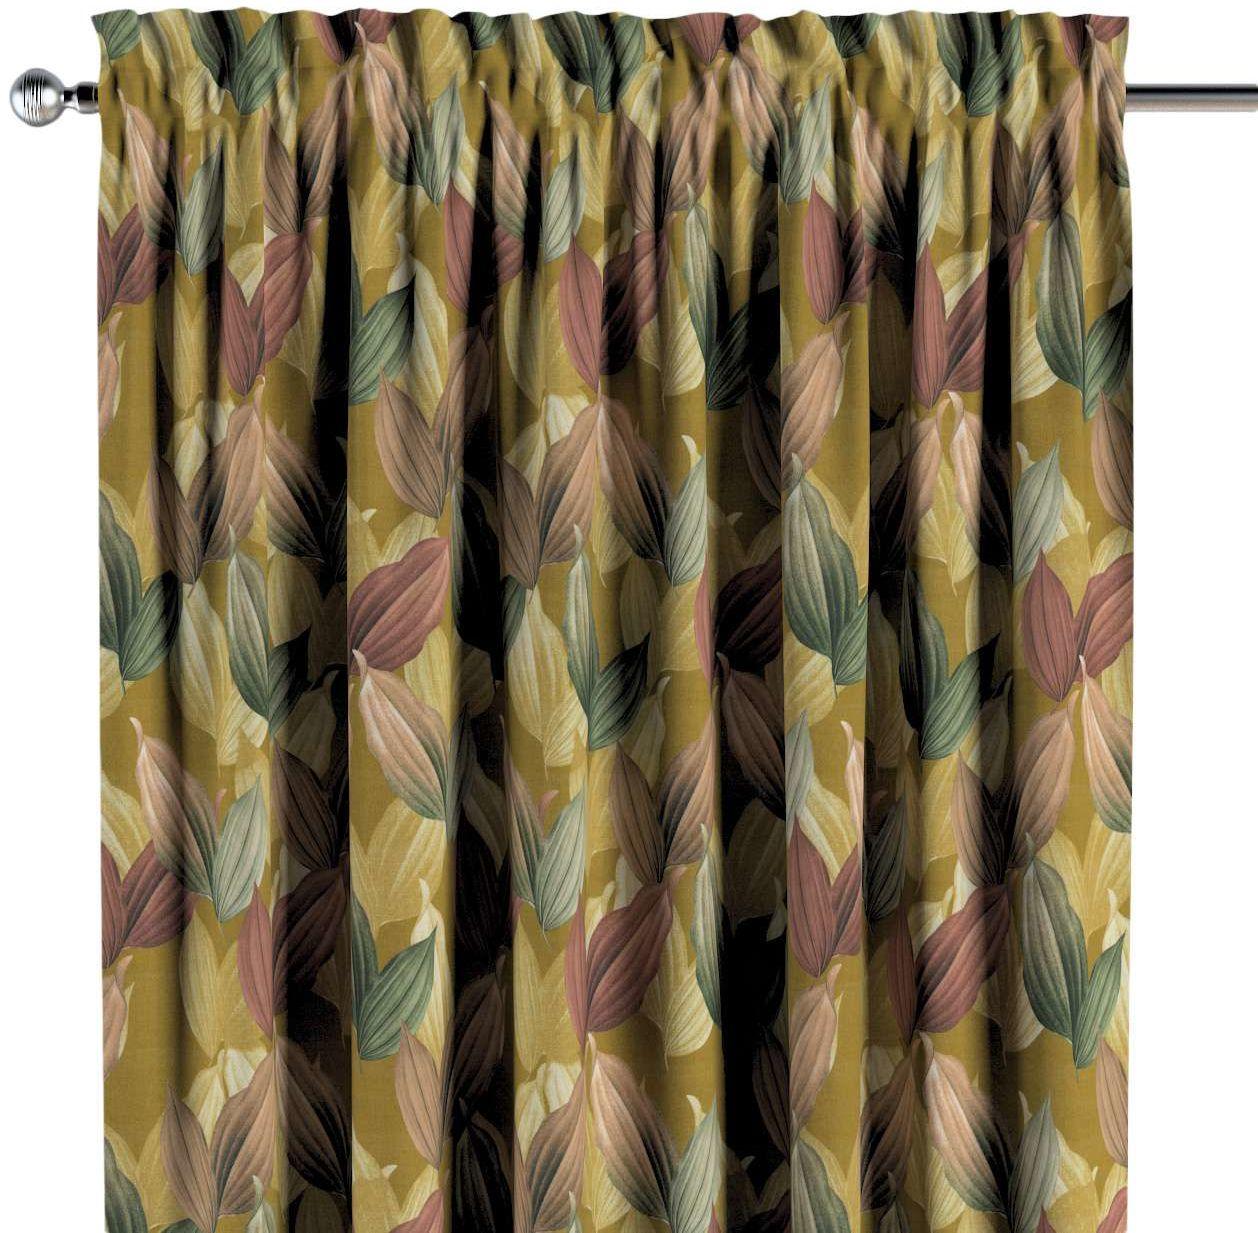 Zasłona na kanale z grzywką 1 szt., kolorowe liście na musztardowym tle, 1szt 130  260 cm, Abigail